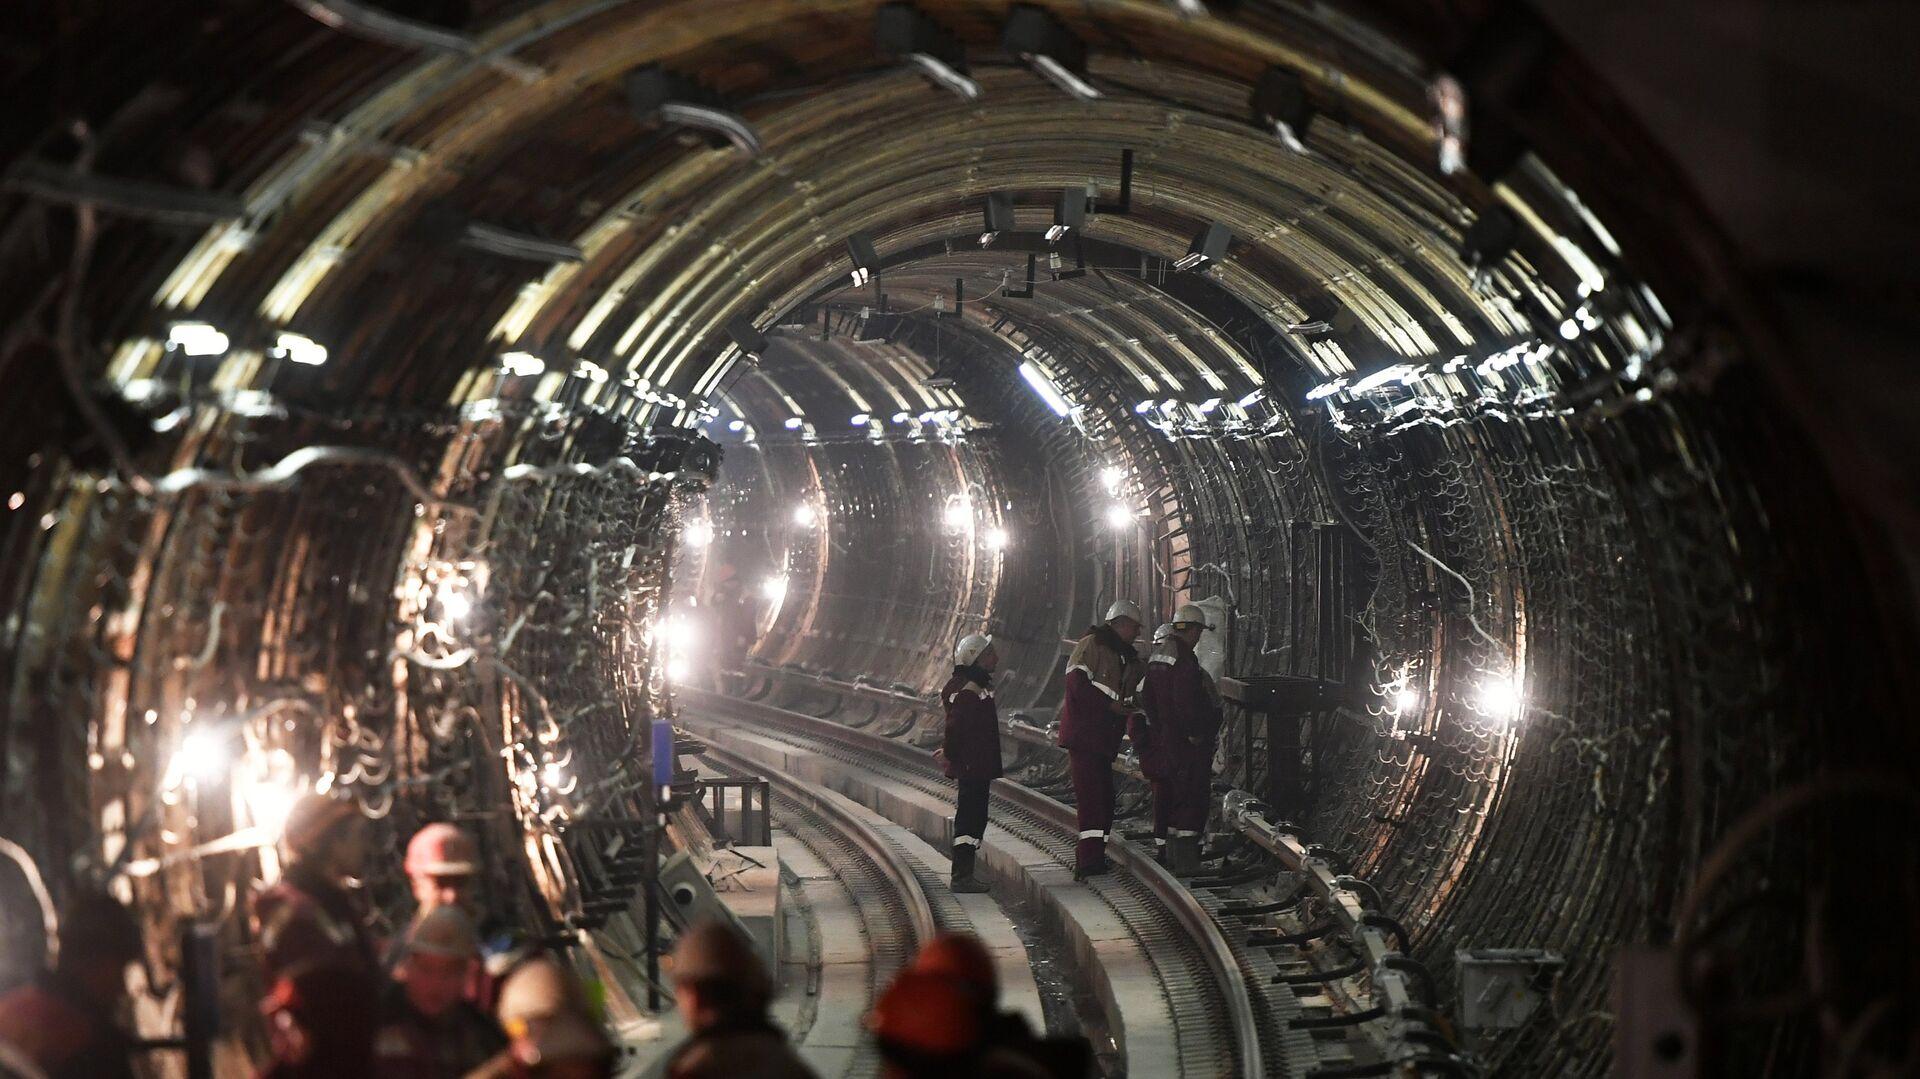 Тоннель строящейся станции московского метро - РИА Новости, 1920, 02.03.2021